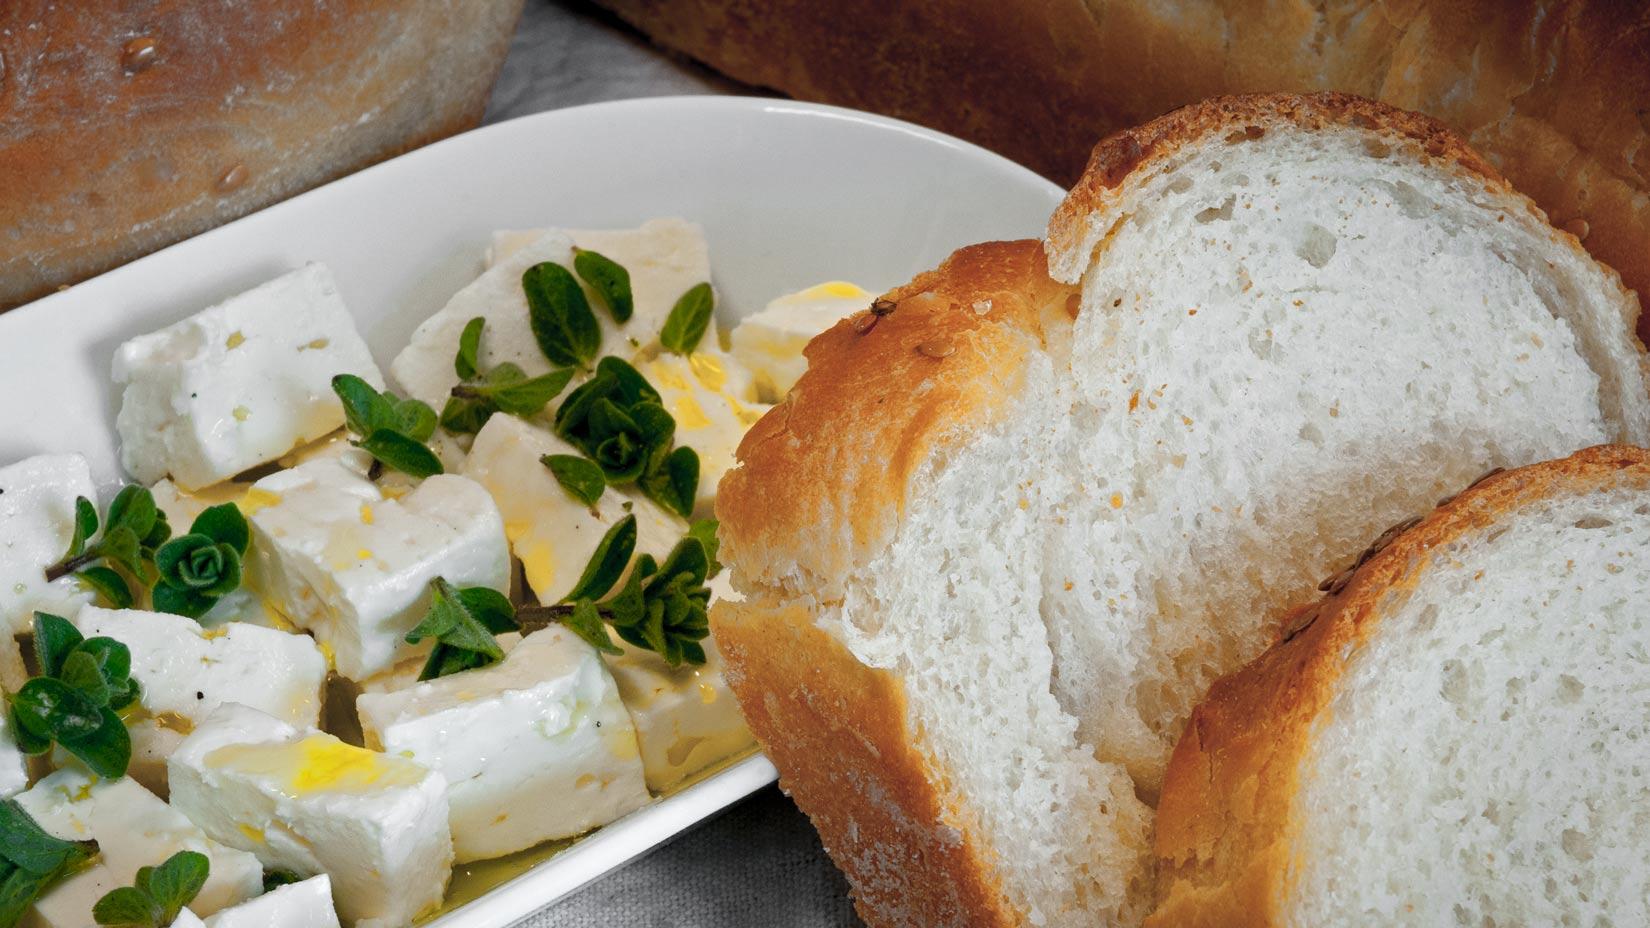 Domácí řecký chléb se hodí jako příloha ke všemu - třeba k fetě s oliváčem a posypané oreganem. Dobrou chuť!